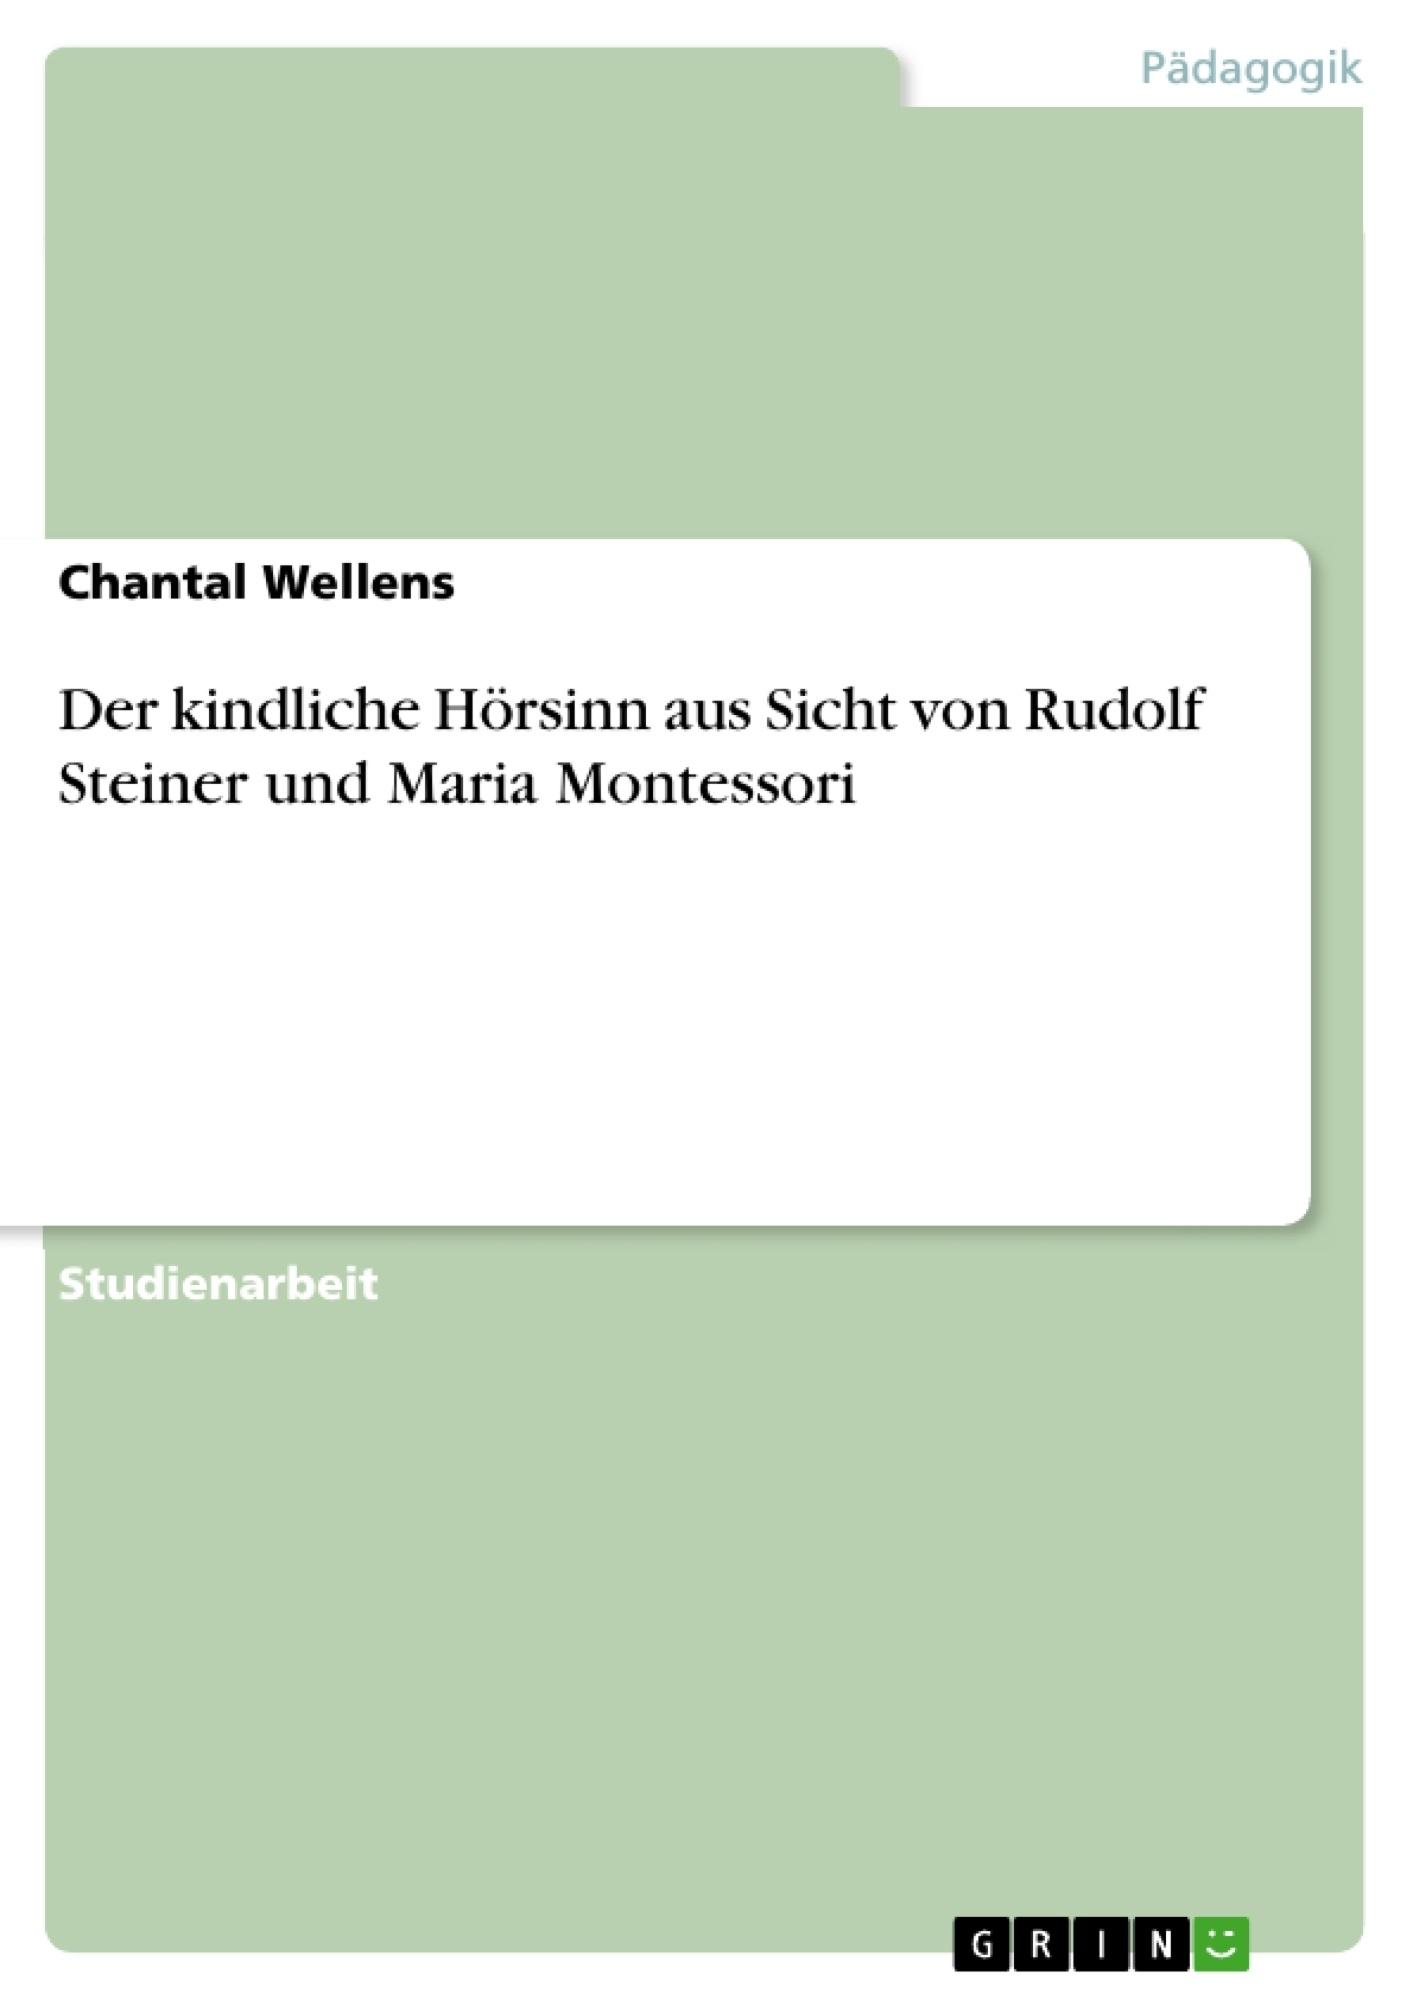 Titel: Der kindliche Hörsinn aus Sicht von Rudolf Steiner und Maria Montessori